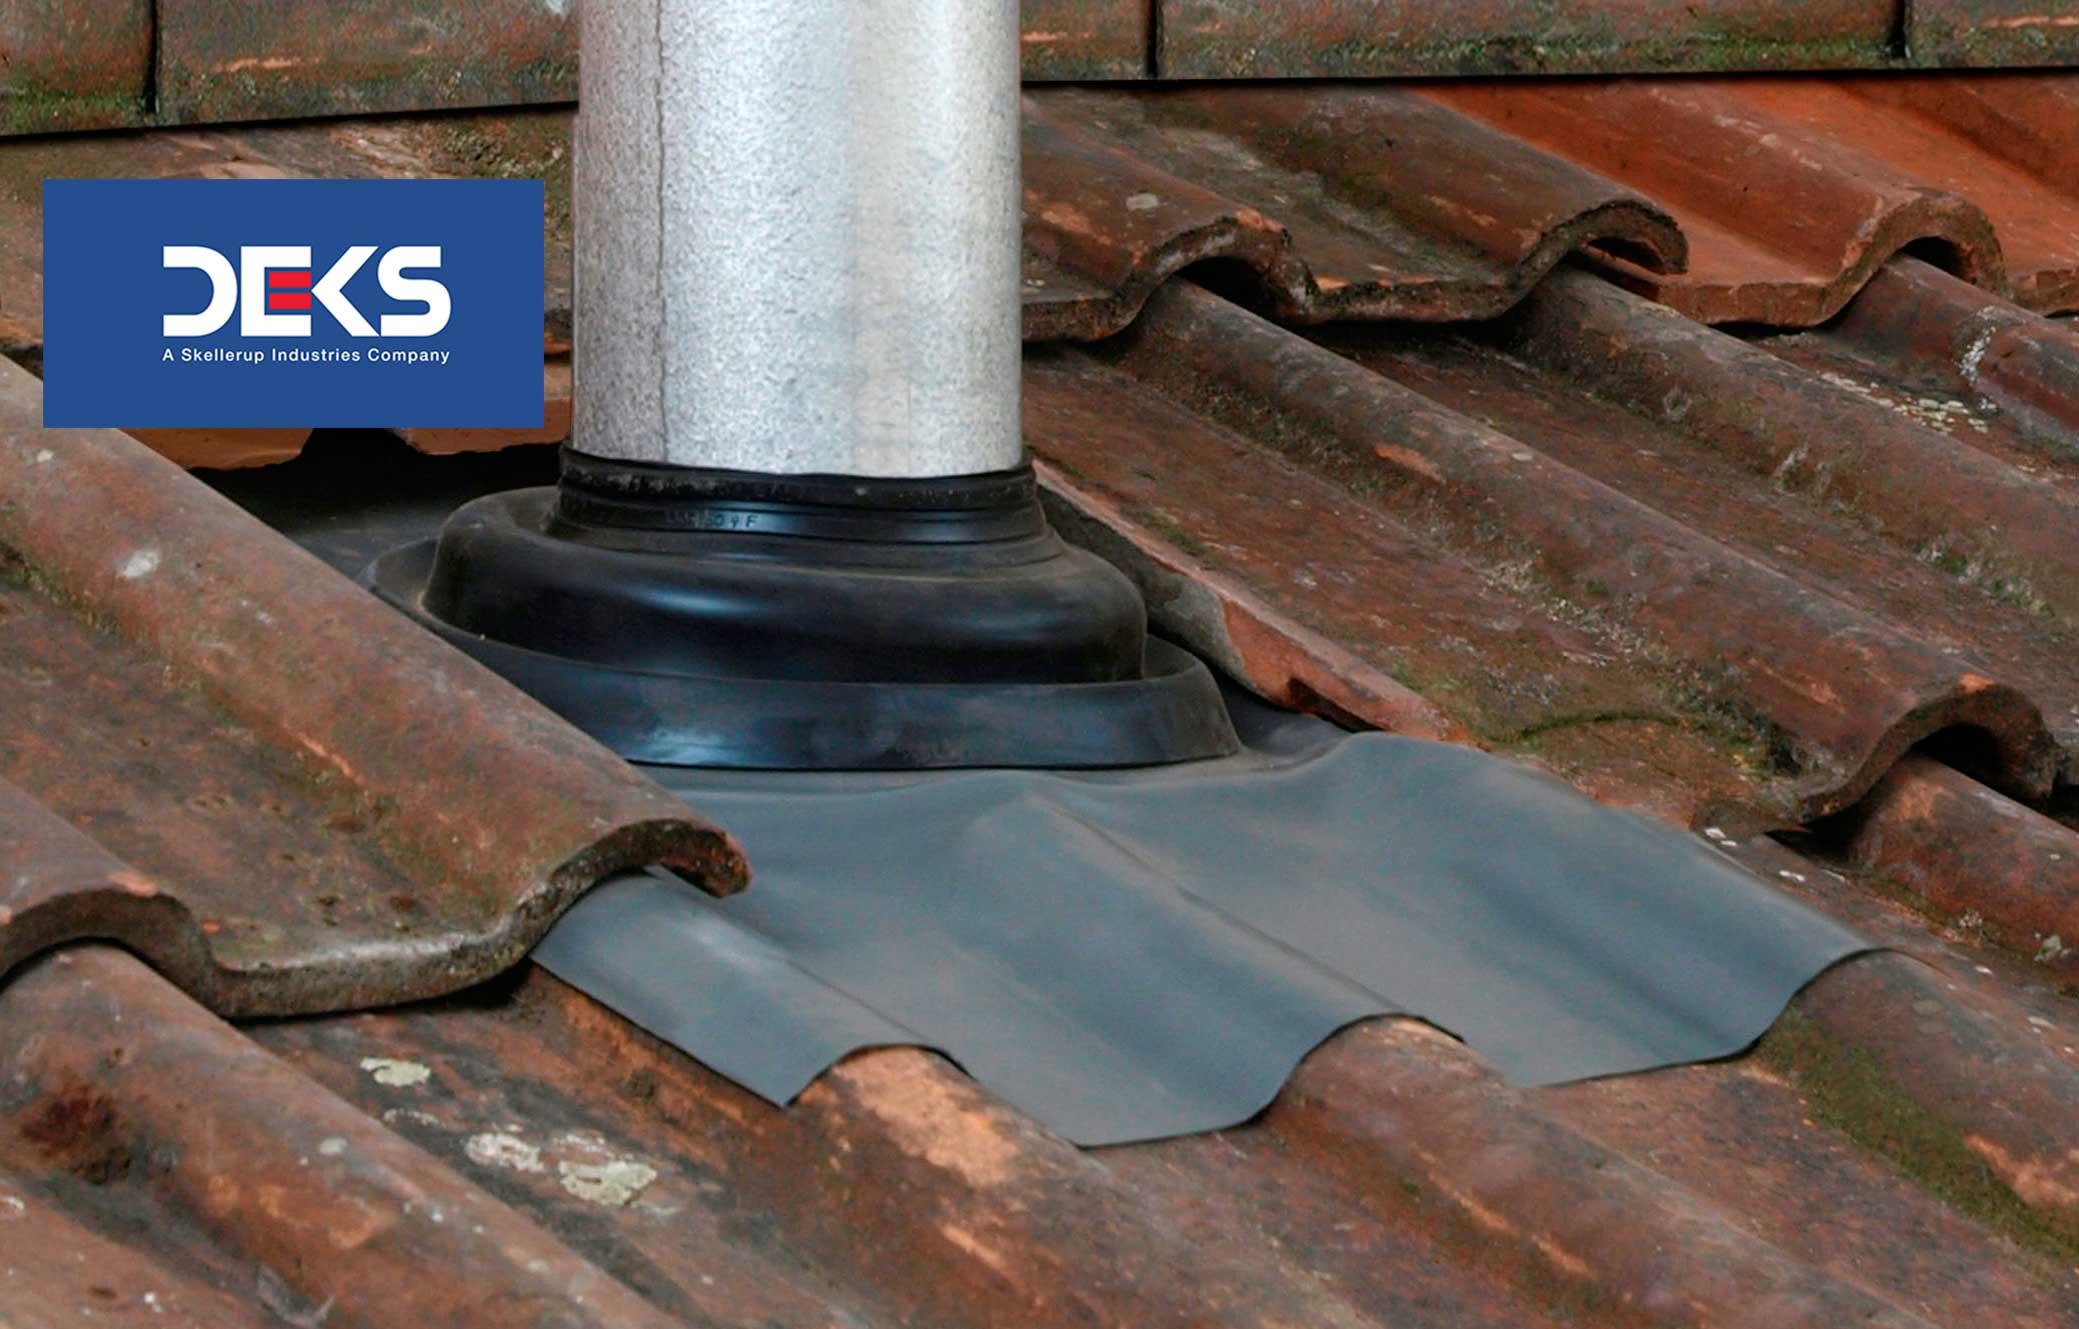 Dektite Seldek Nu Lead Flashings For Tile Amp Slates Roofs